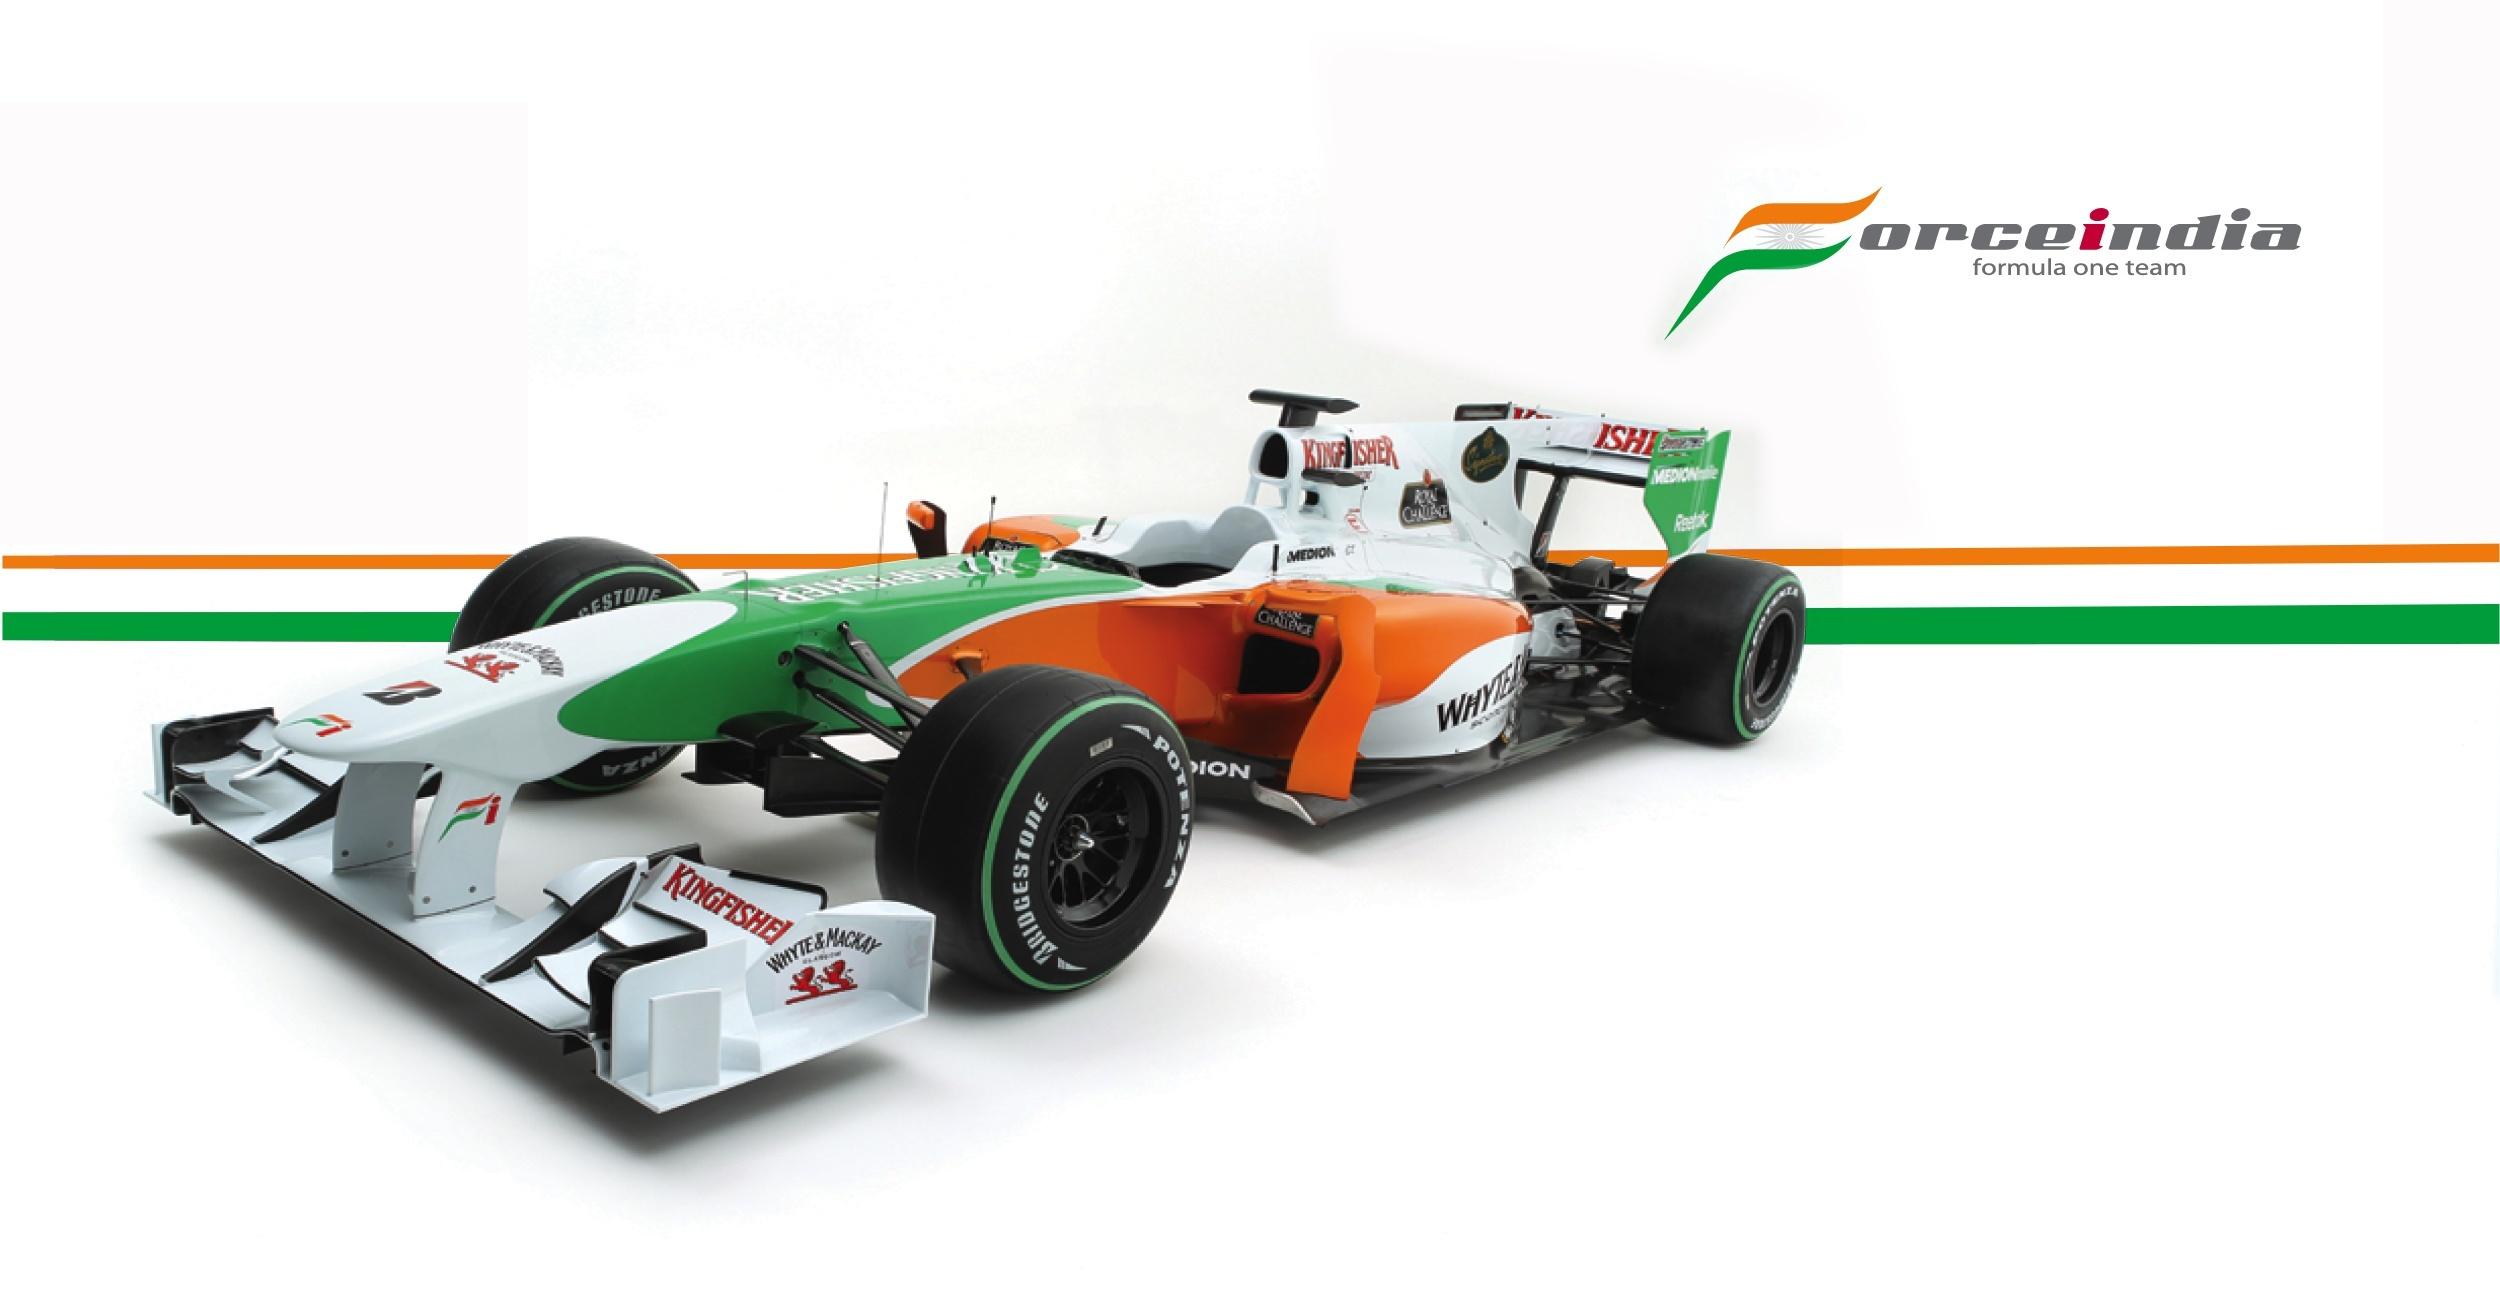 Force-India-Formula-One